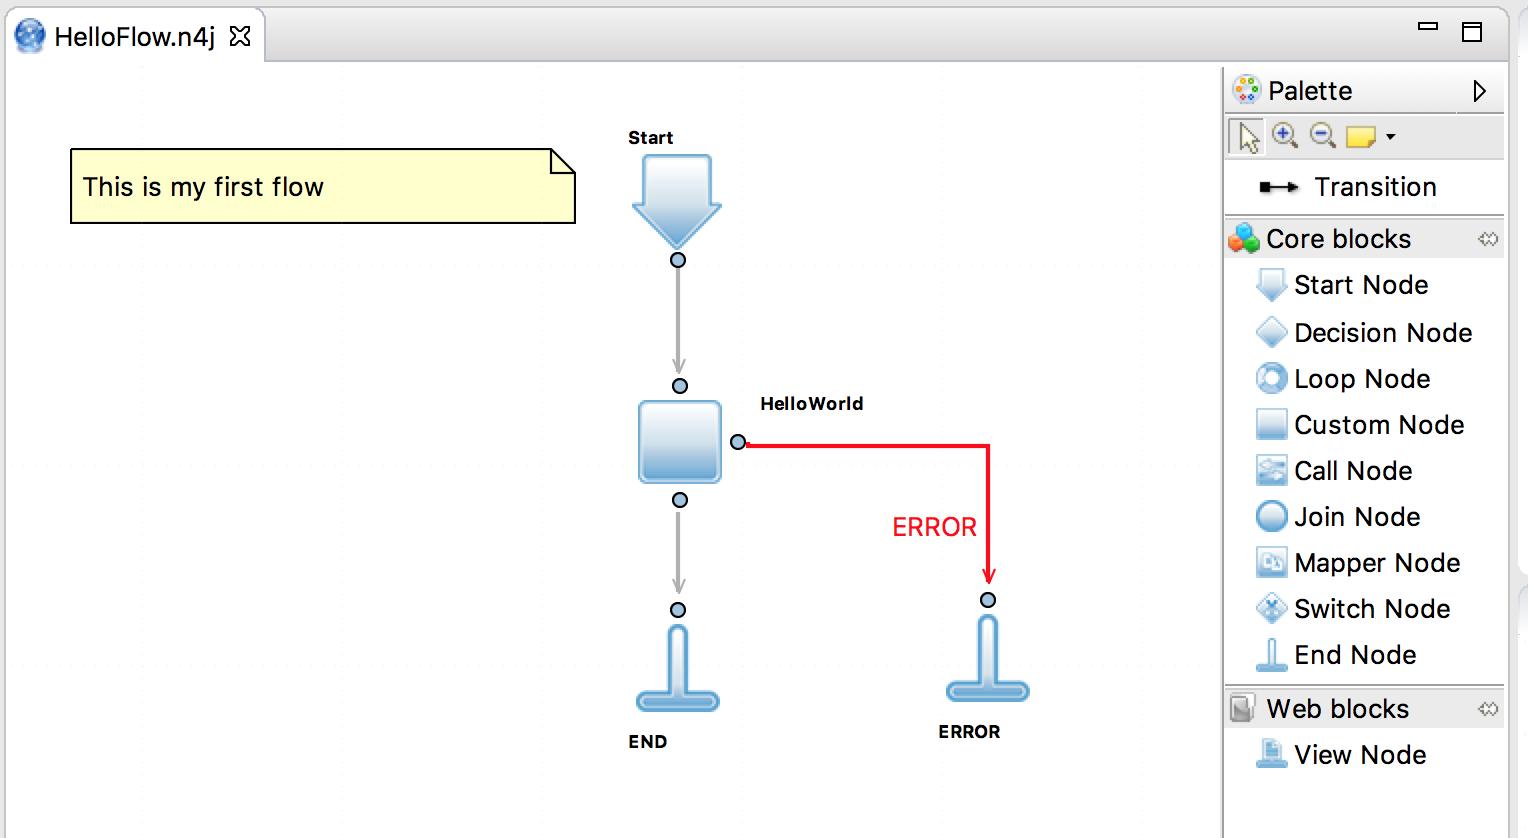 workflow-example-higlevel